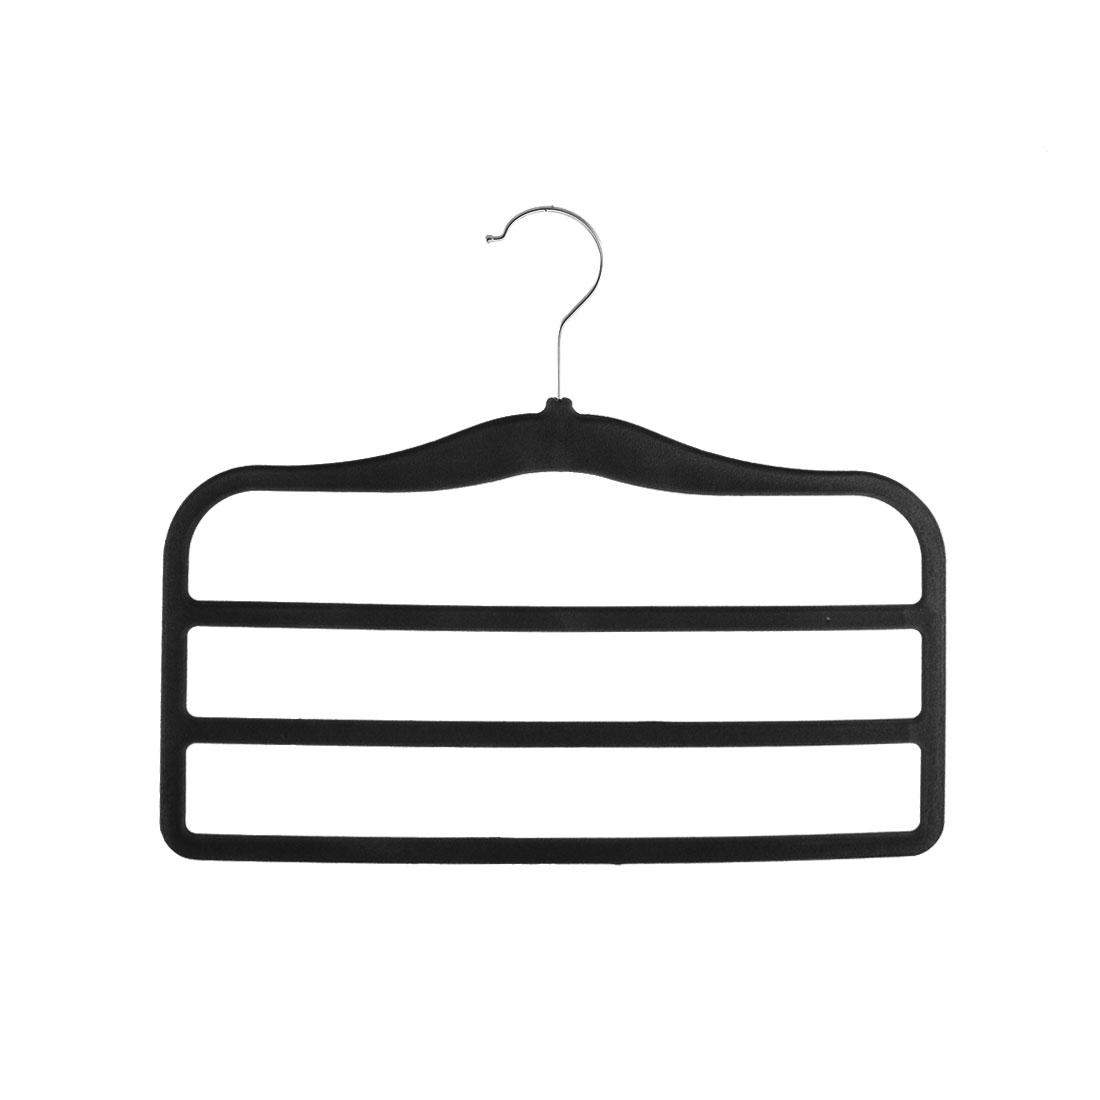 Household Velvet Anti-slip Shawl Coat Towel Clothes Trousers Holder Rack Black